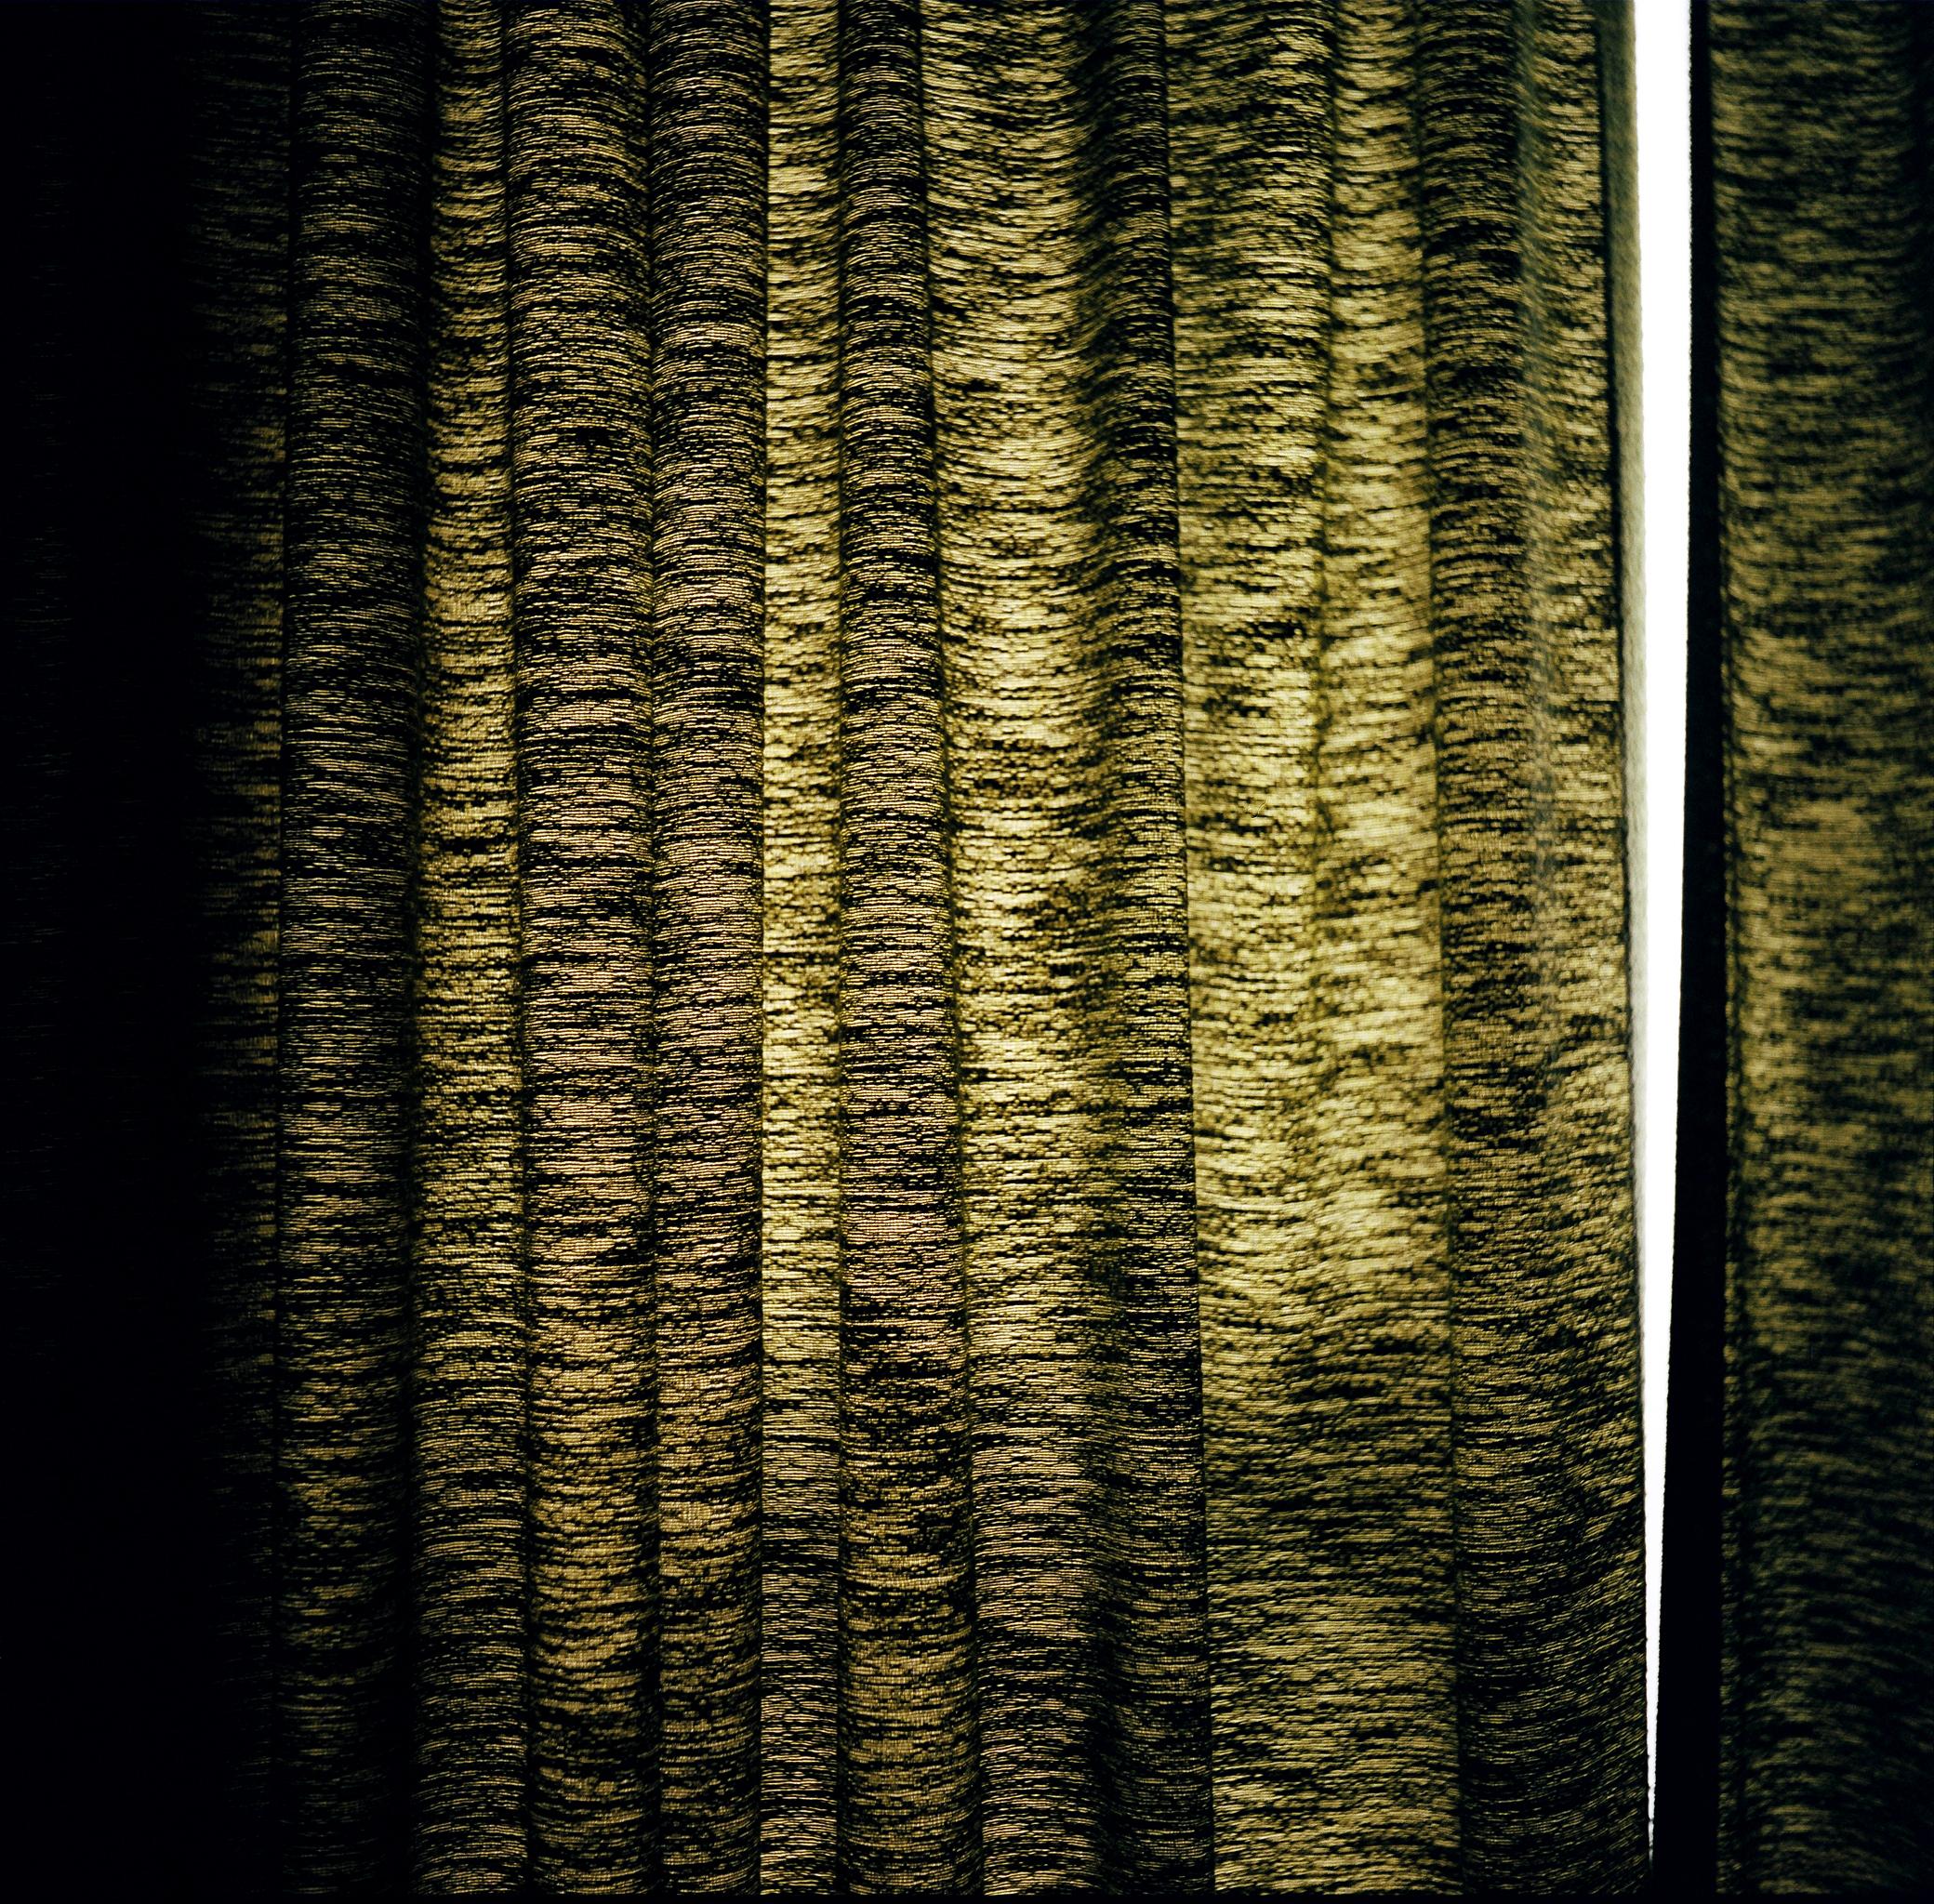 CurtainsinHowardsRoom.jpg